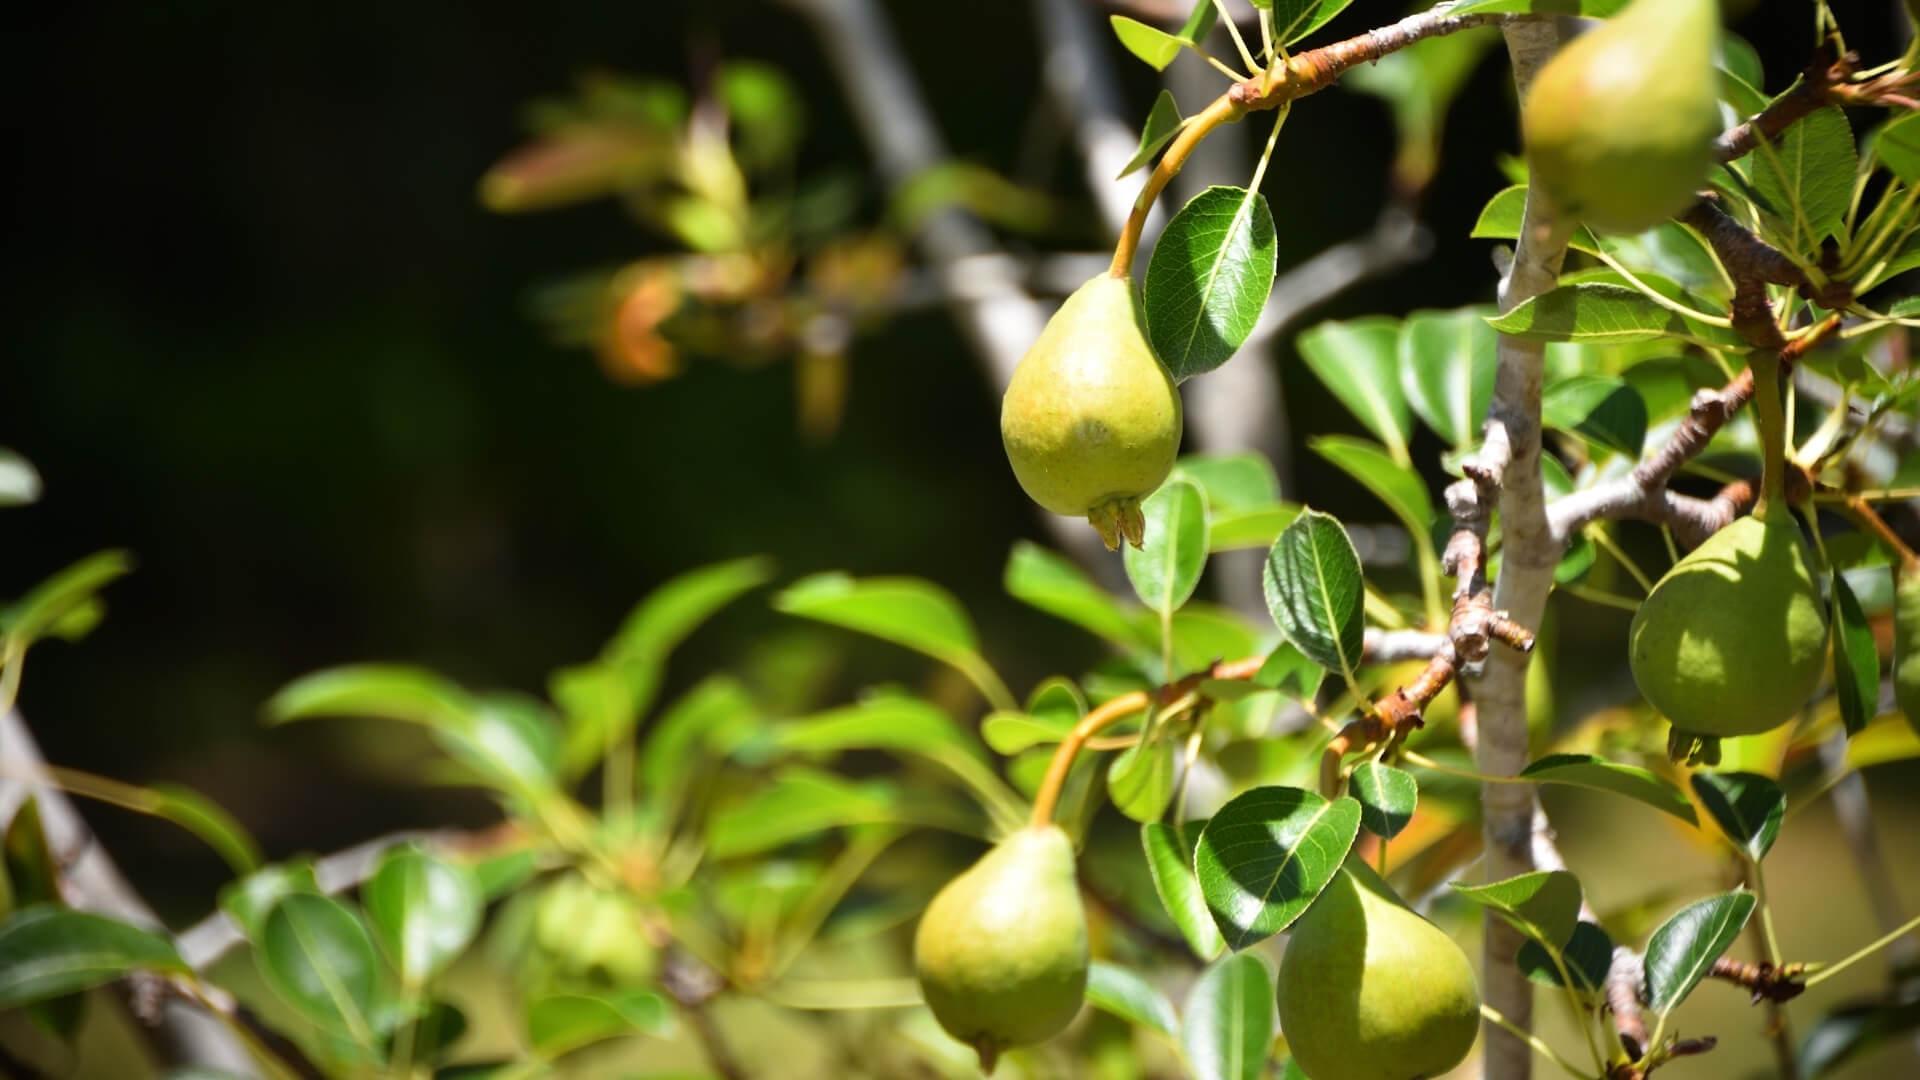 La pera è un frutto climaterico: cosa significa?